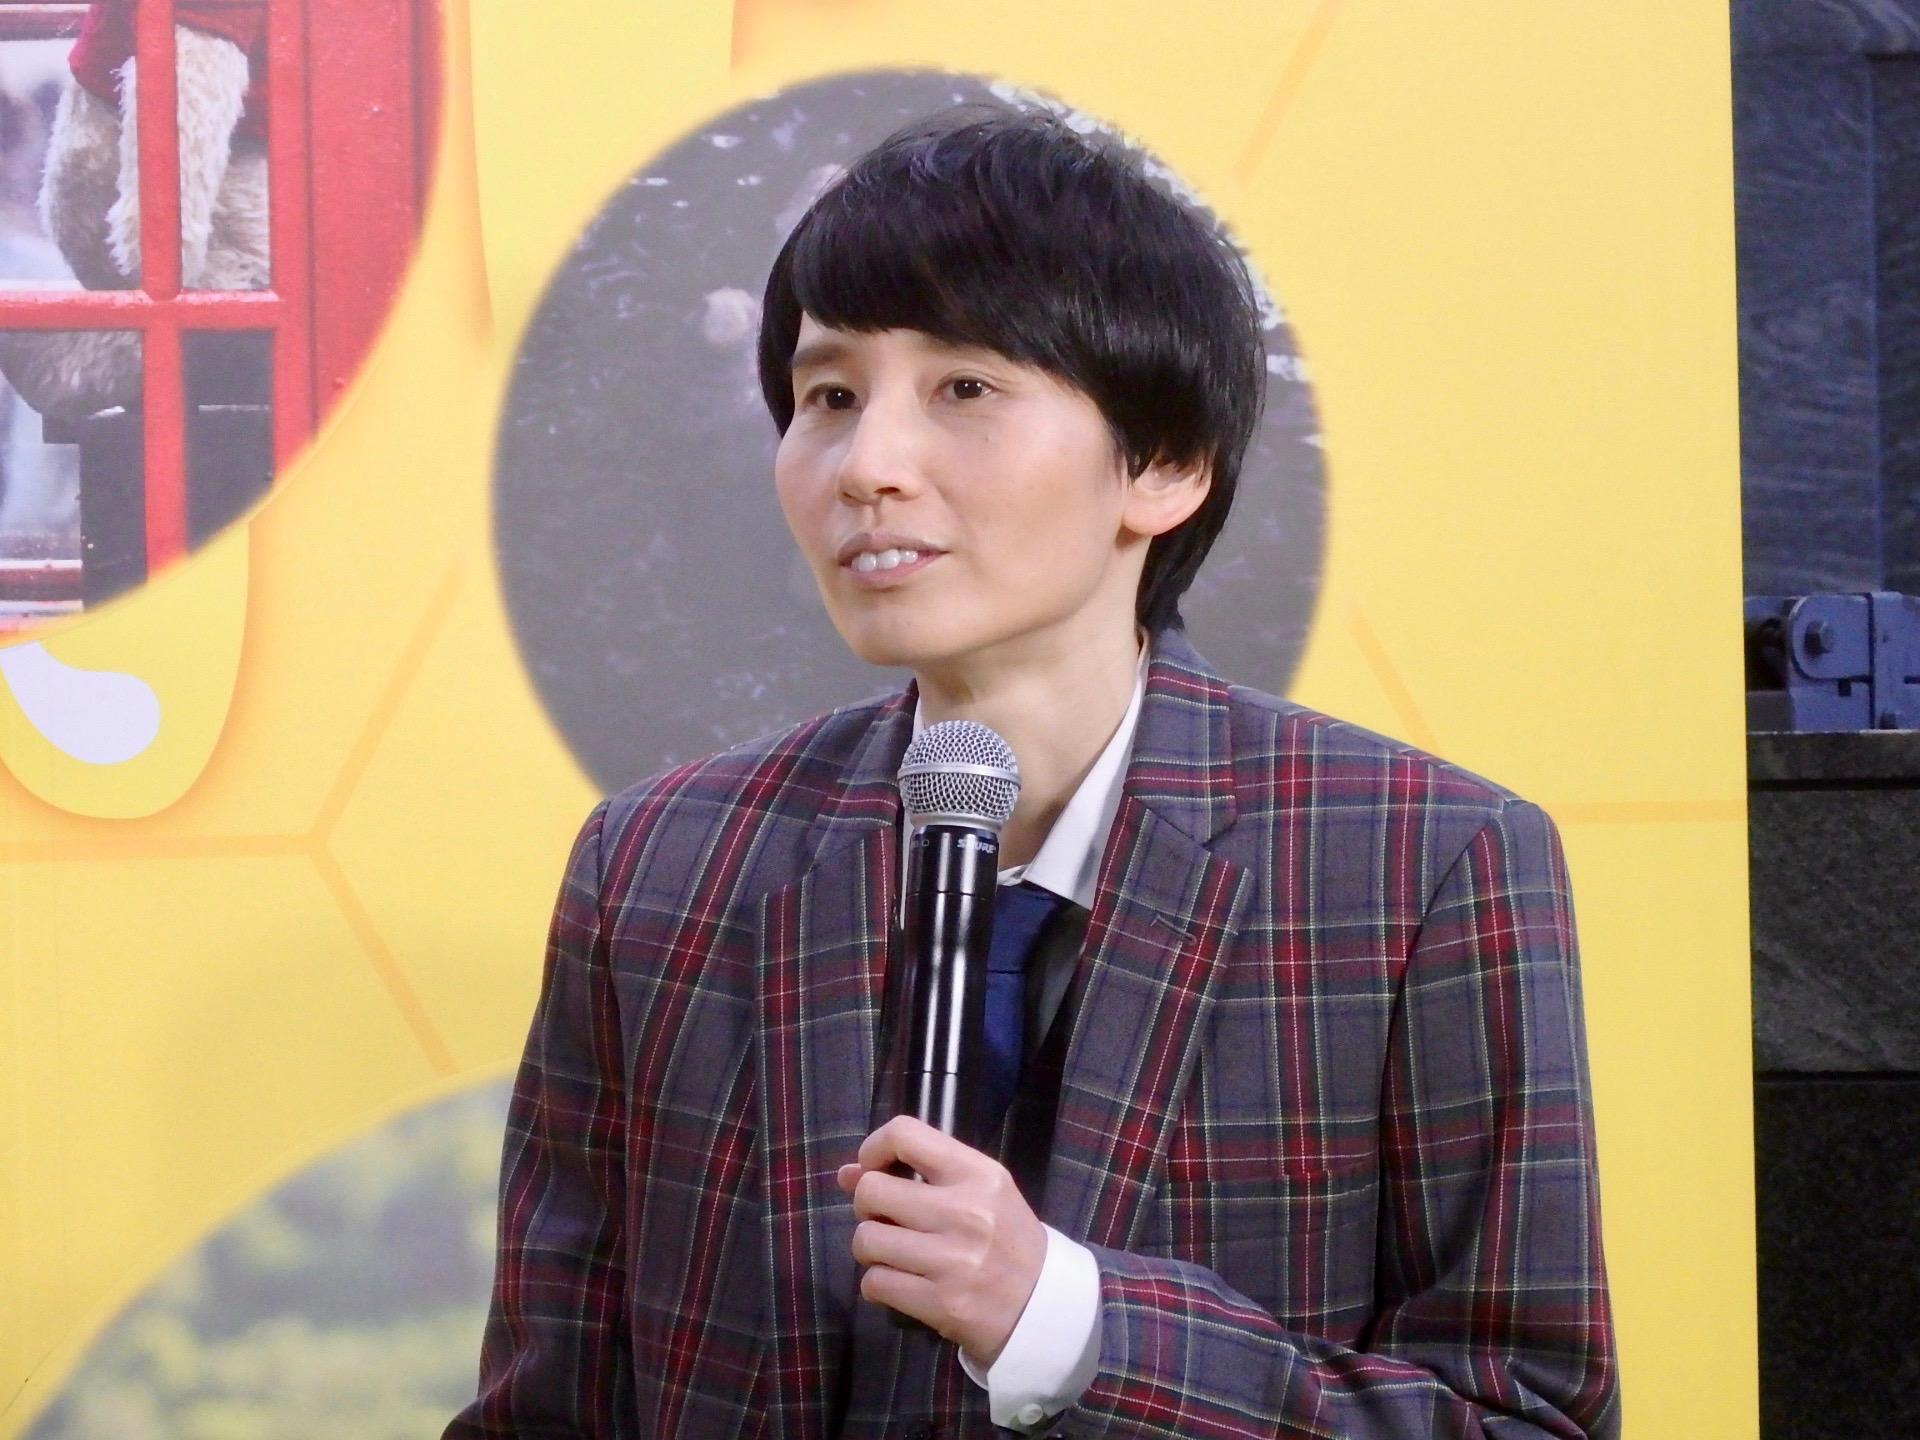 http://news.yoshimoto.co.jp/20181207005611-f83d7c55f060396e586fdd324a7f089a960f1b66.jpeg